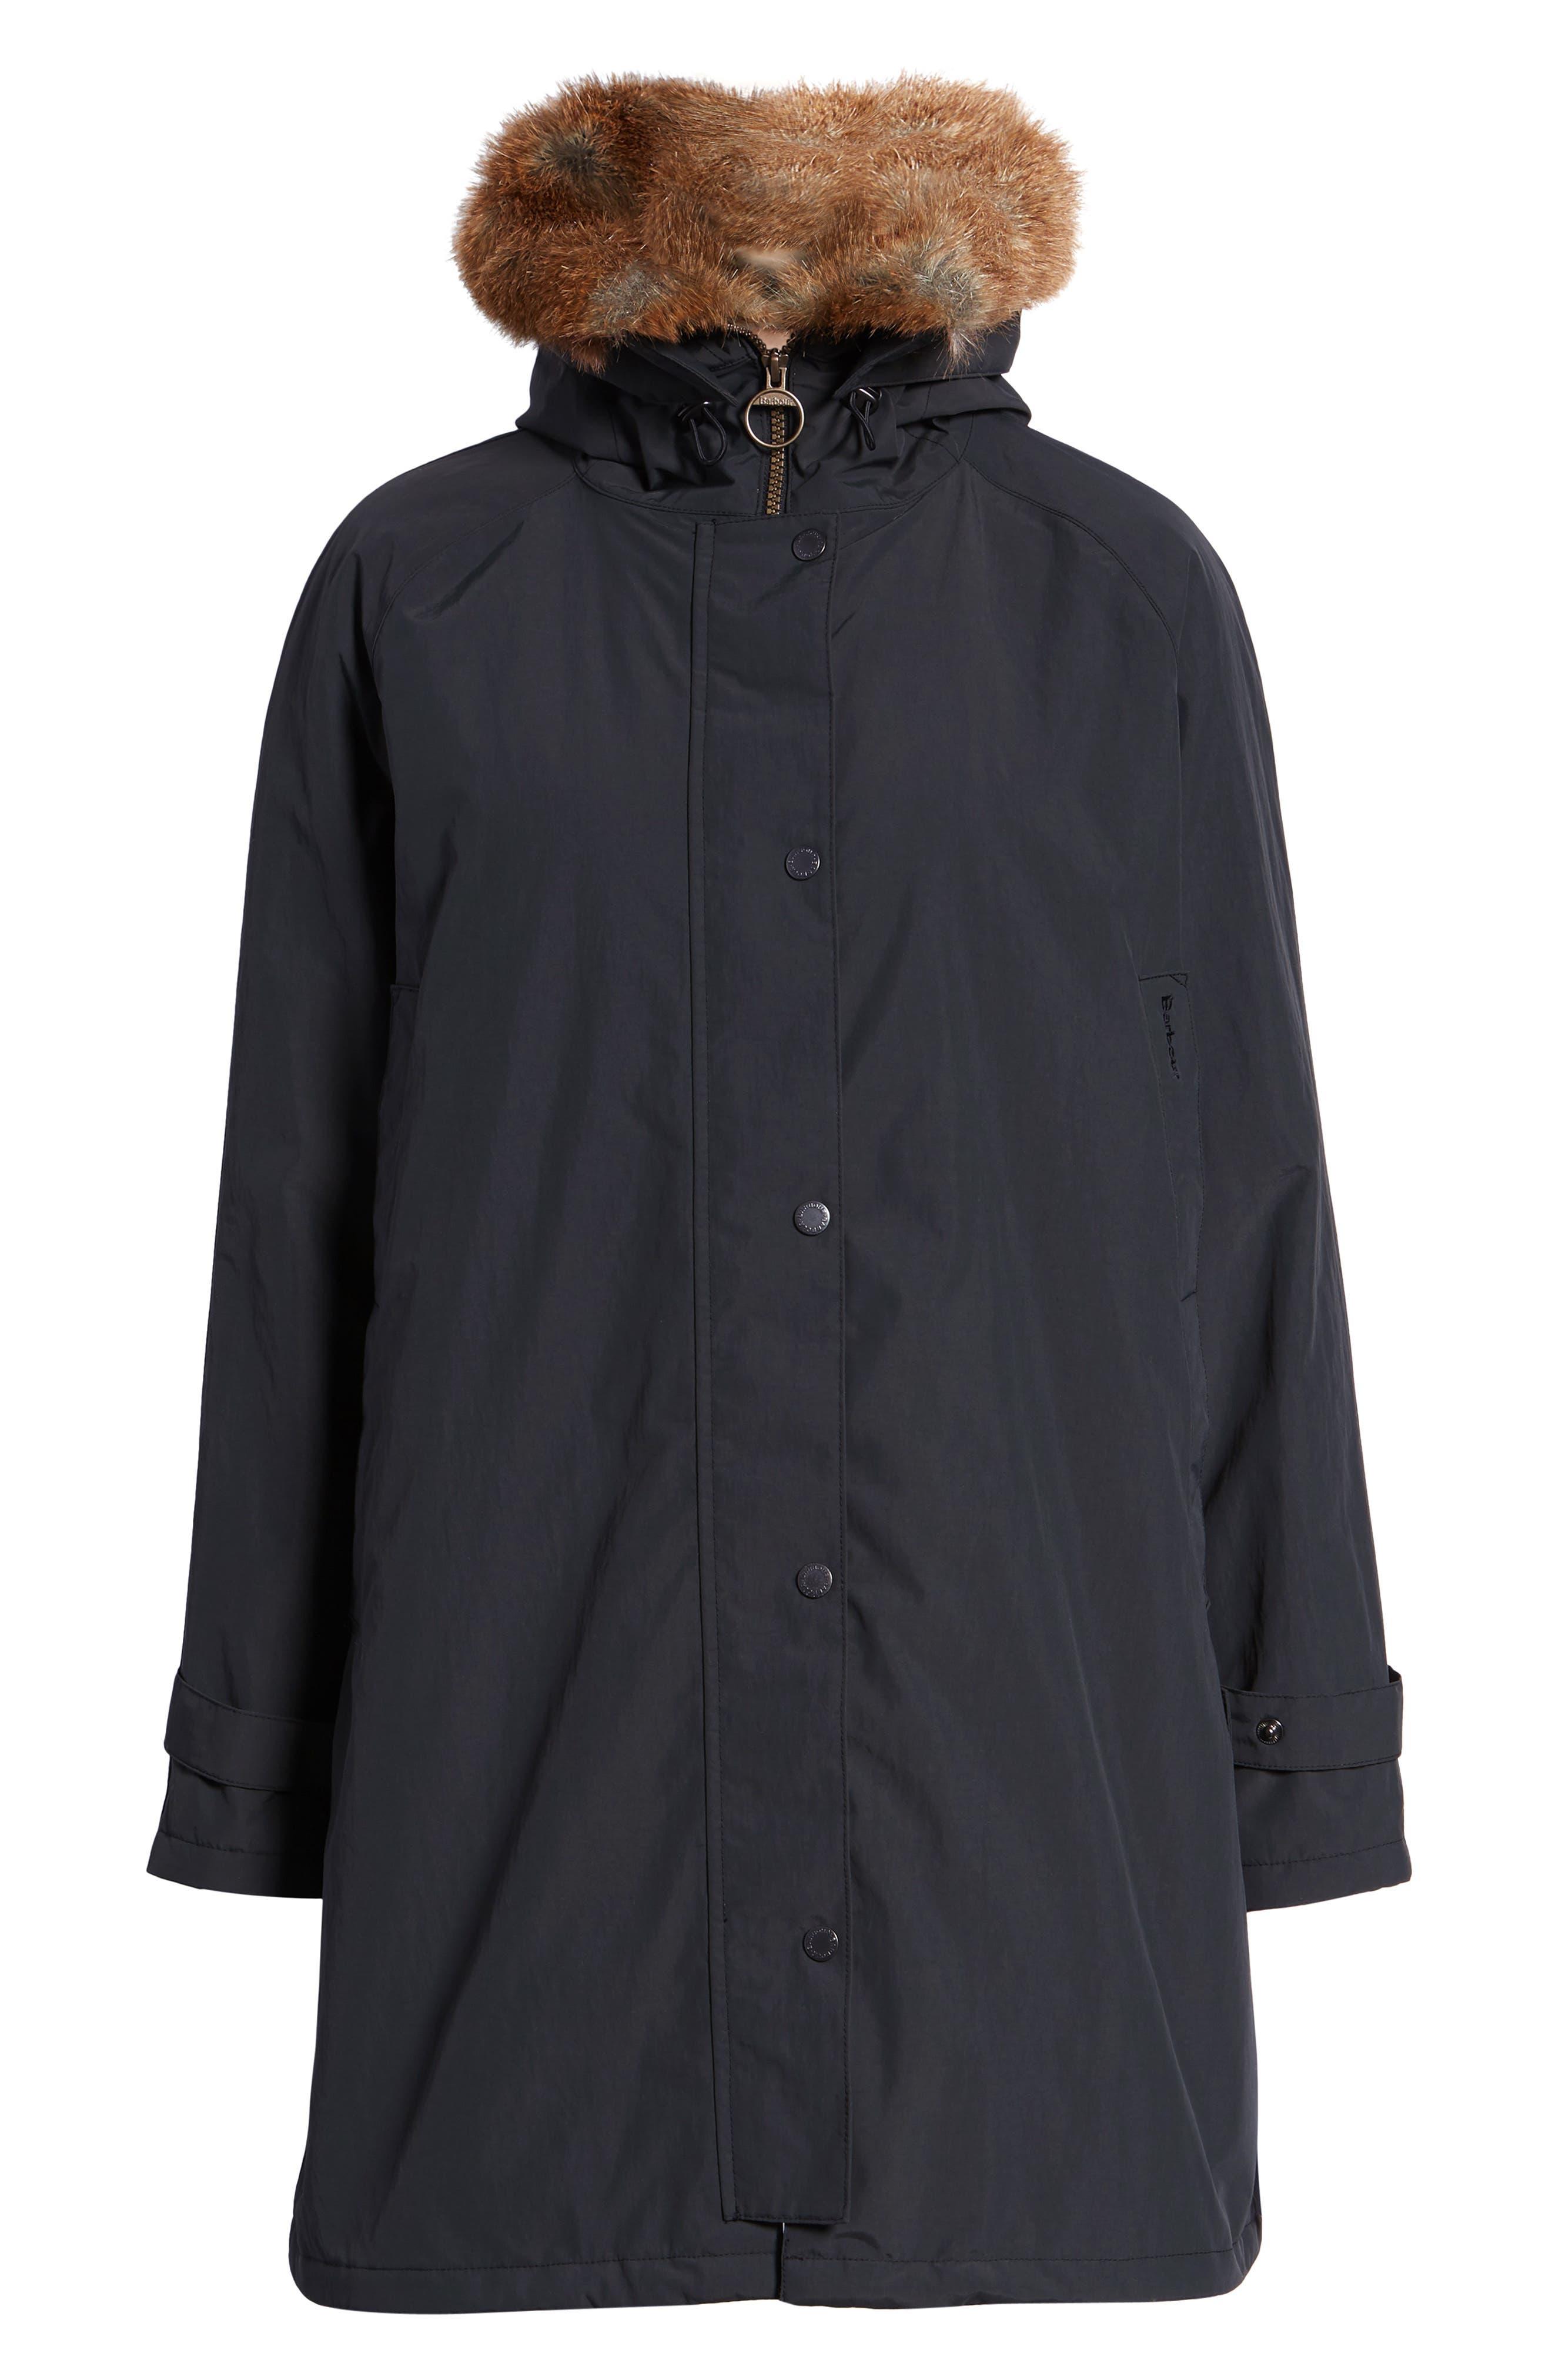 Dexy Jacket with Faux Fur Trim,                             Alternate thumbnail 6, color,                             BLACK